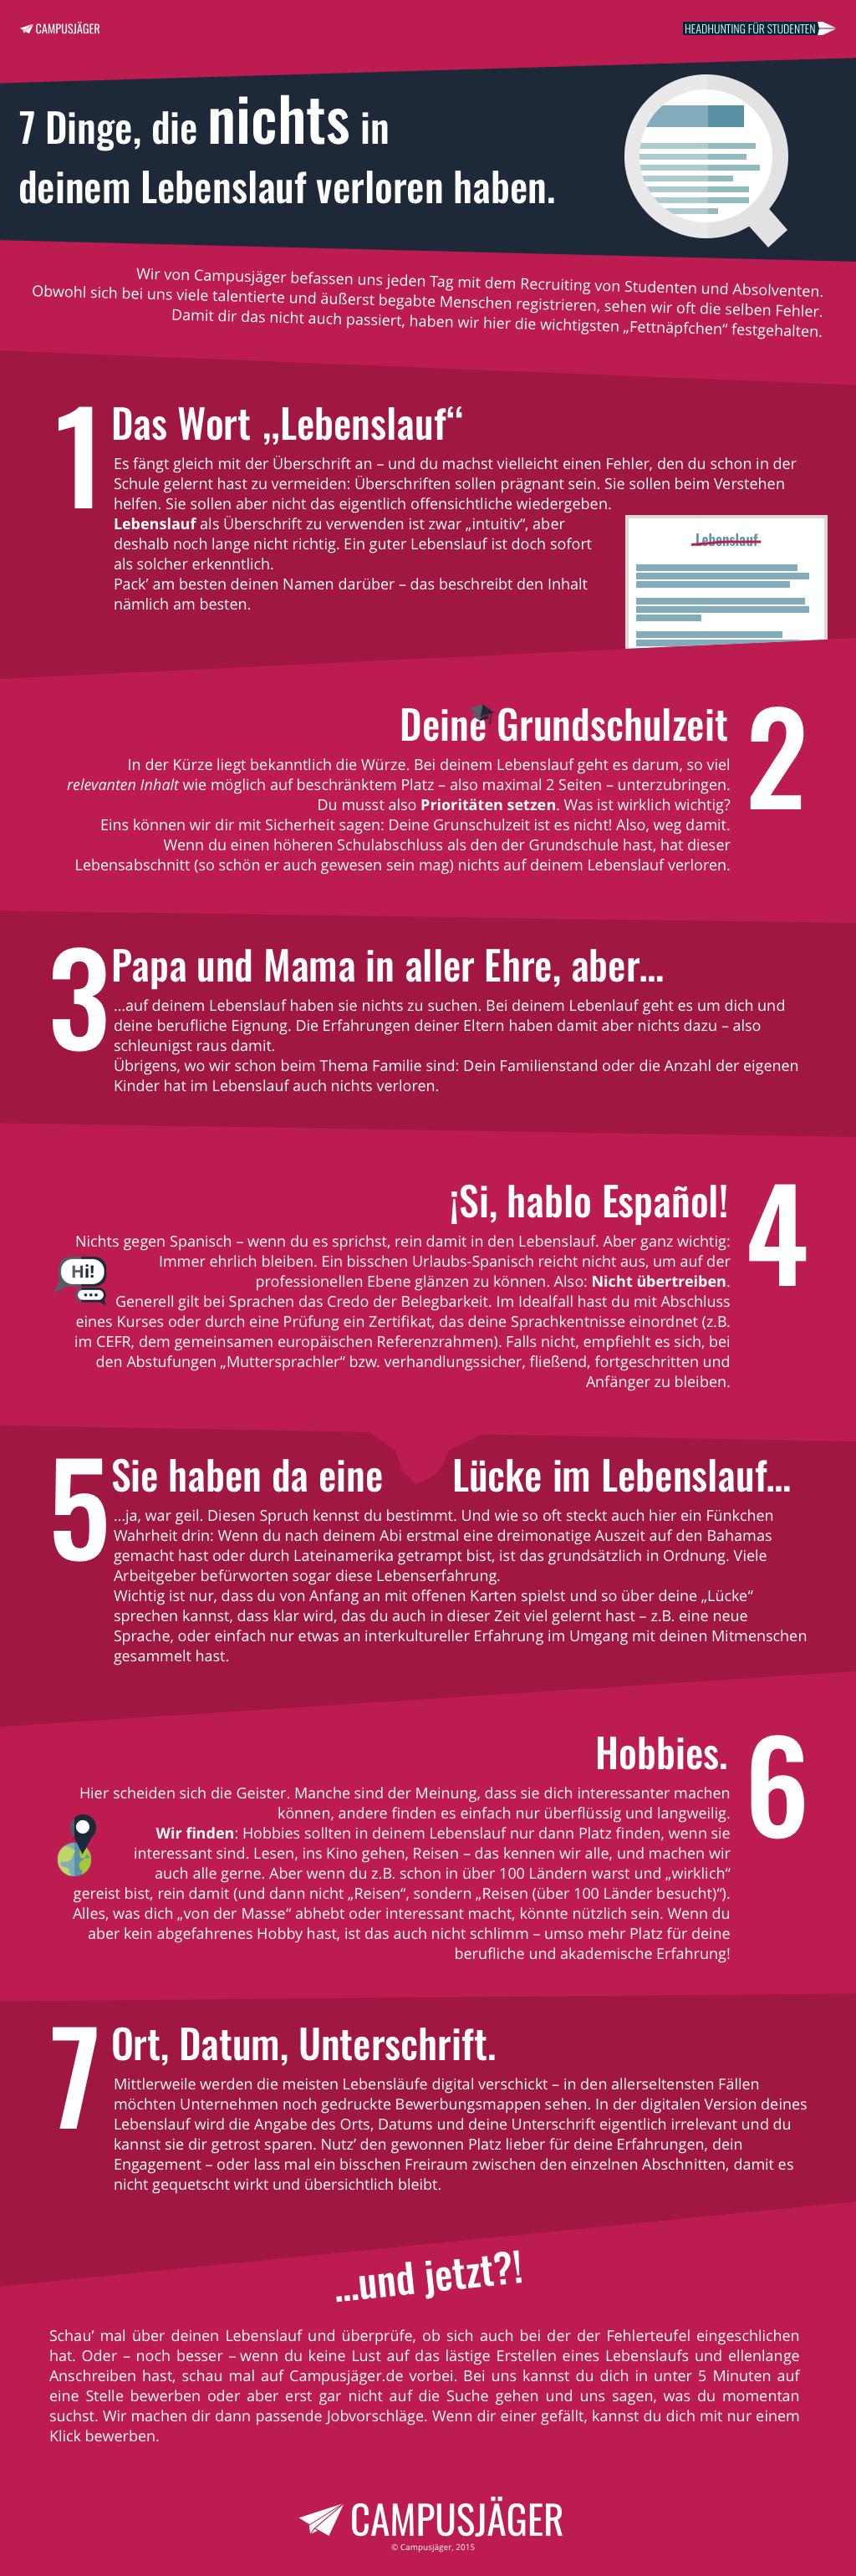 Infografik: Diese 7 Fehler solltest du in deinem Lebenslauf ...